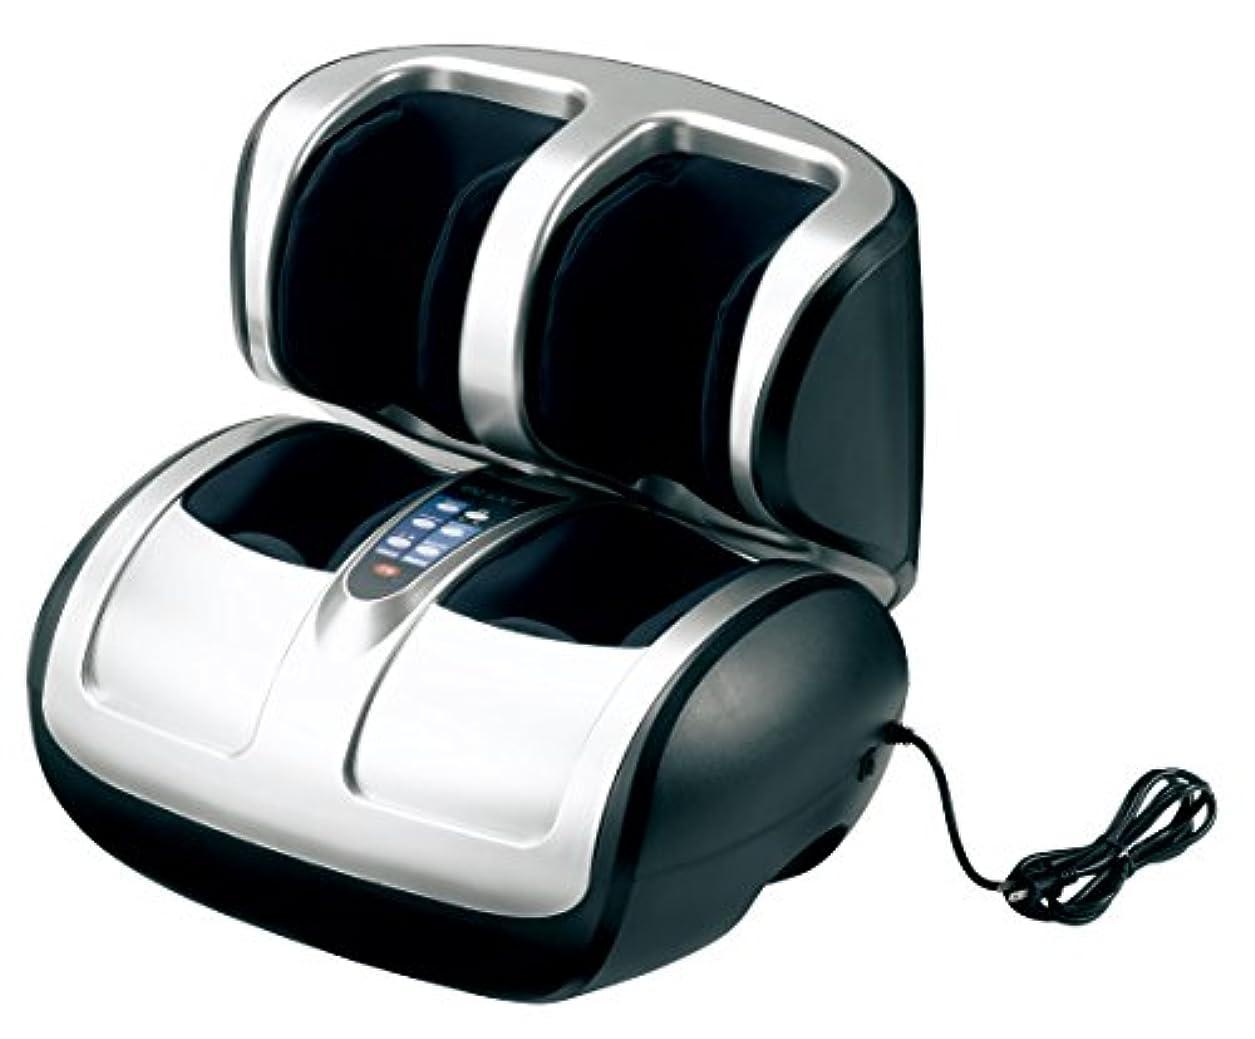 かるコークスなにツカモトエイム 株式会社惣田製作所 JGF-800 LAGUNA ラグーナ エアーフットマッサージャー 家庭用エアマッサージ器